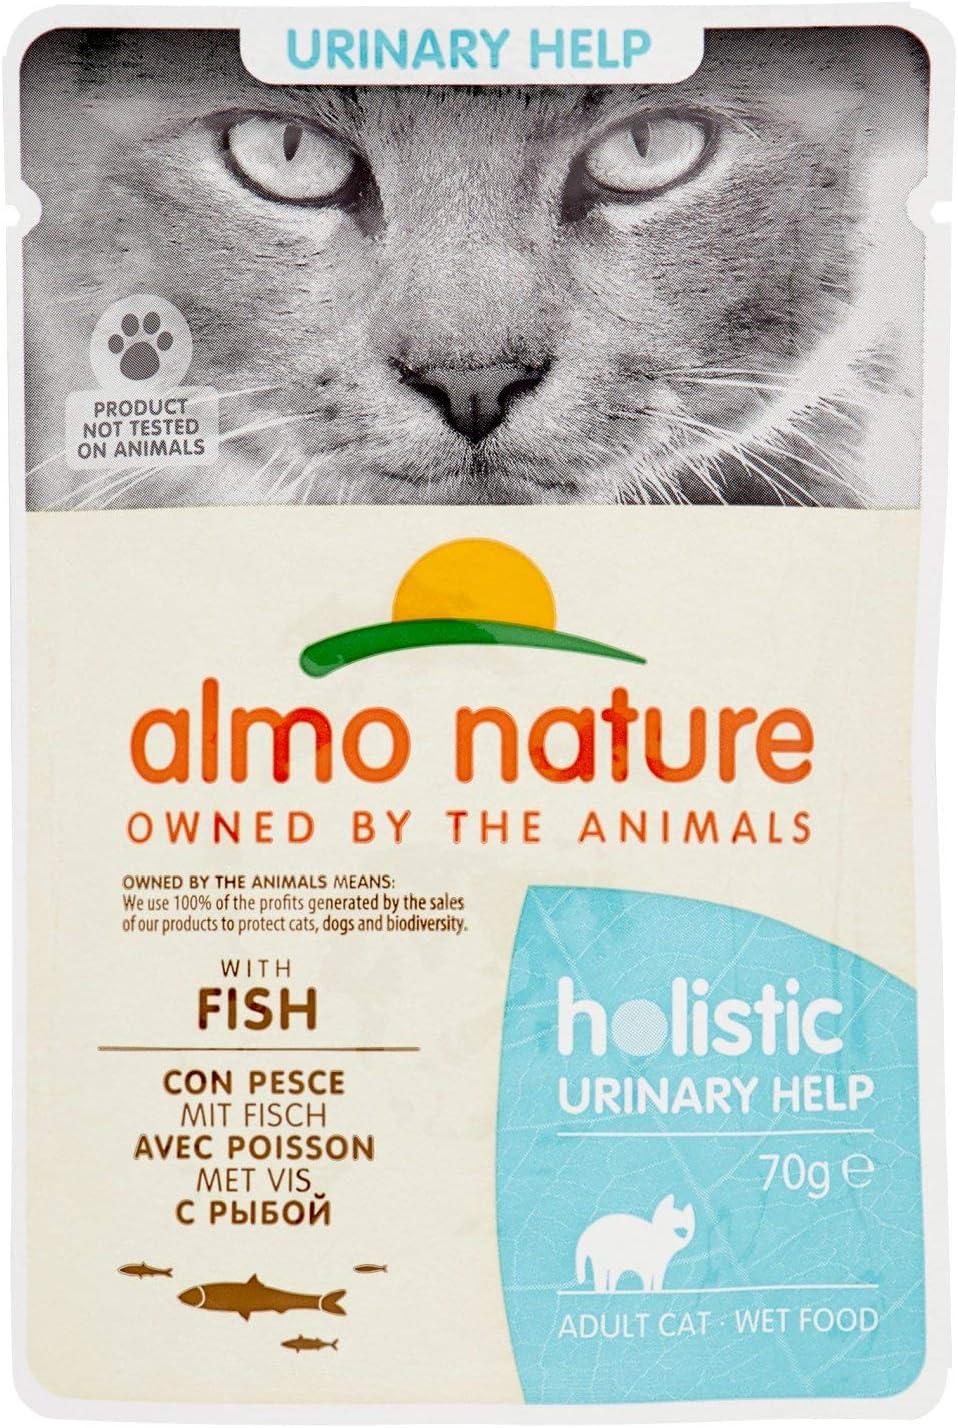 Almo Nature - Soporte urinario para Gatos: Amazon.es: Productos para mascotas